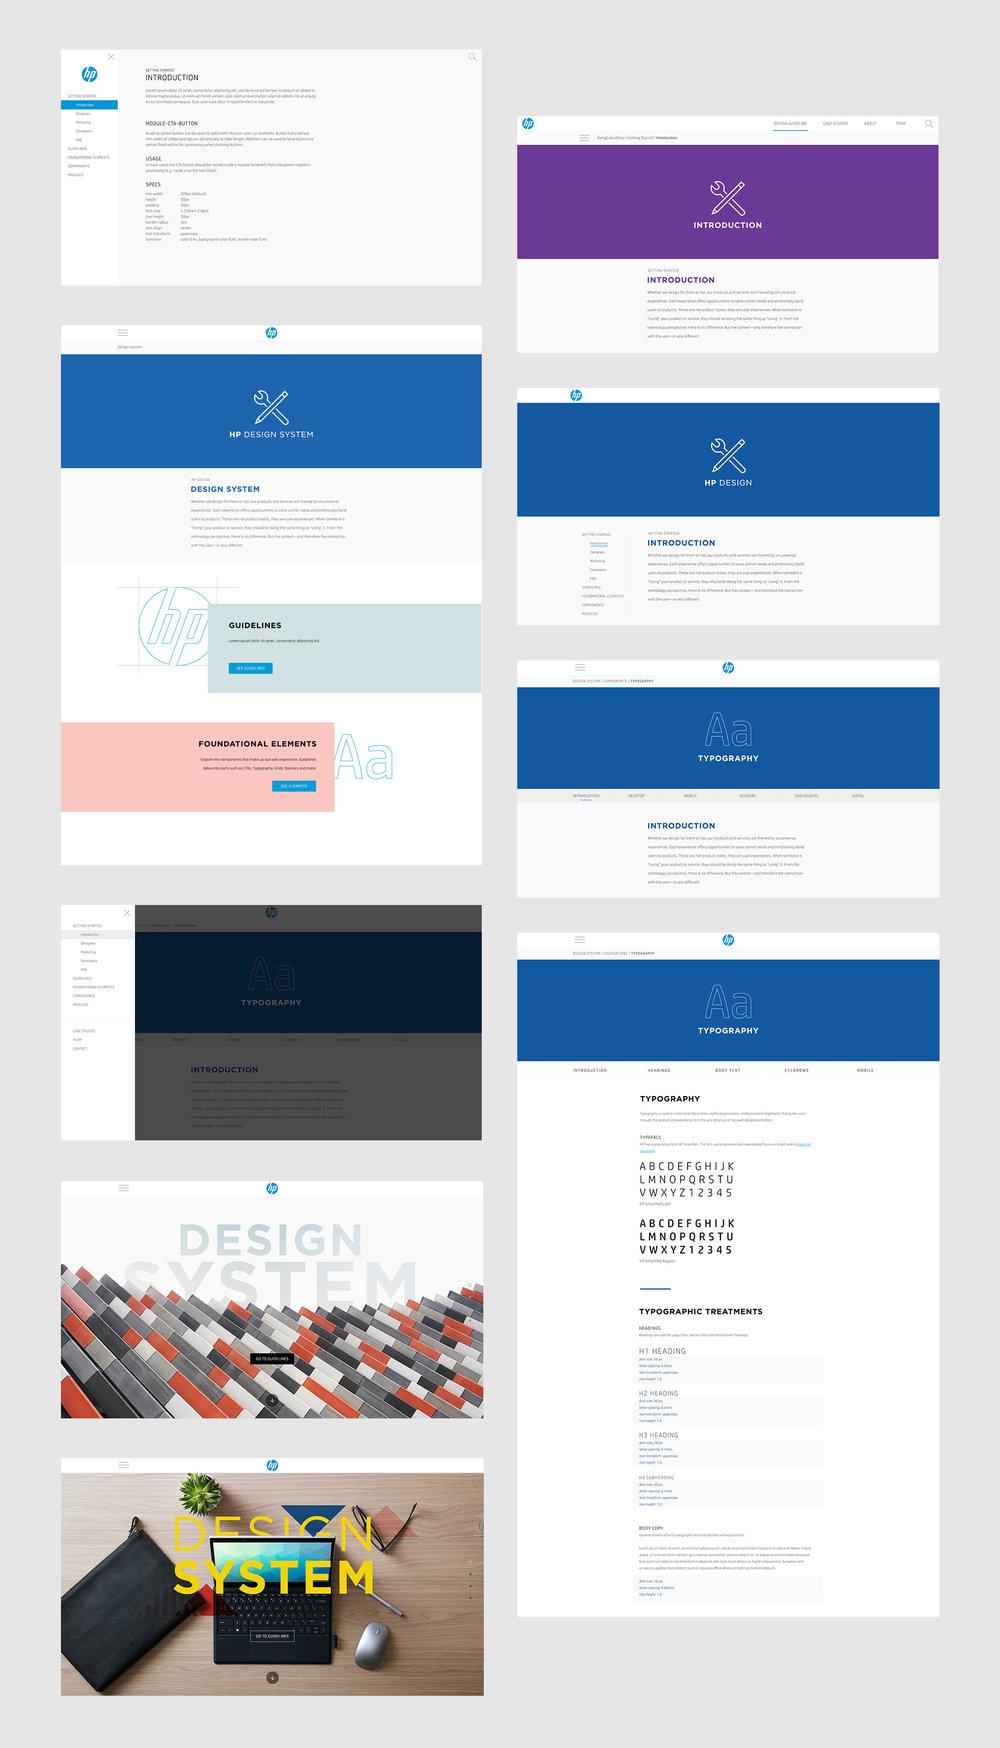 designsystem.jpg